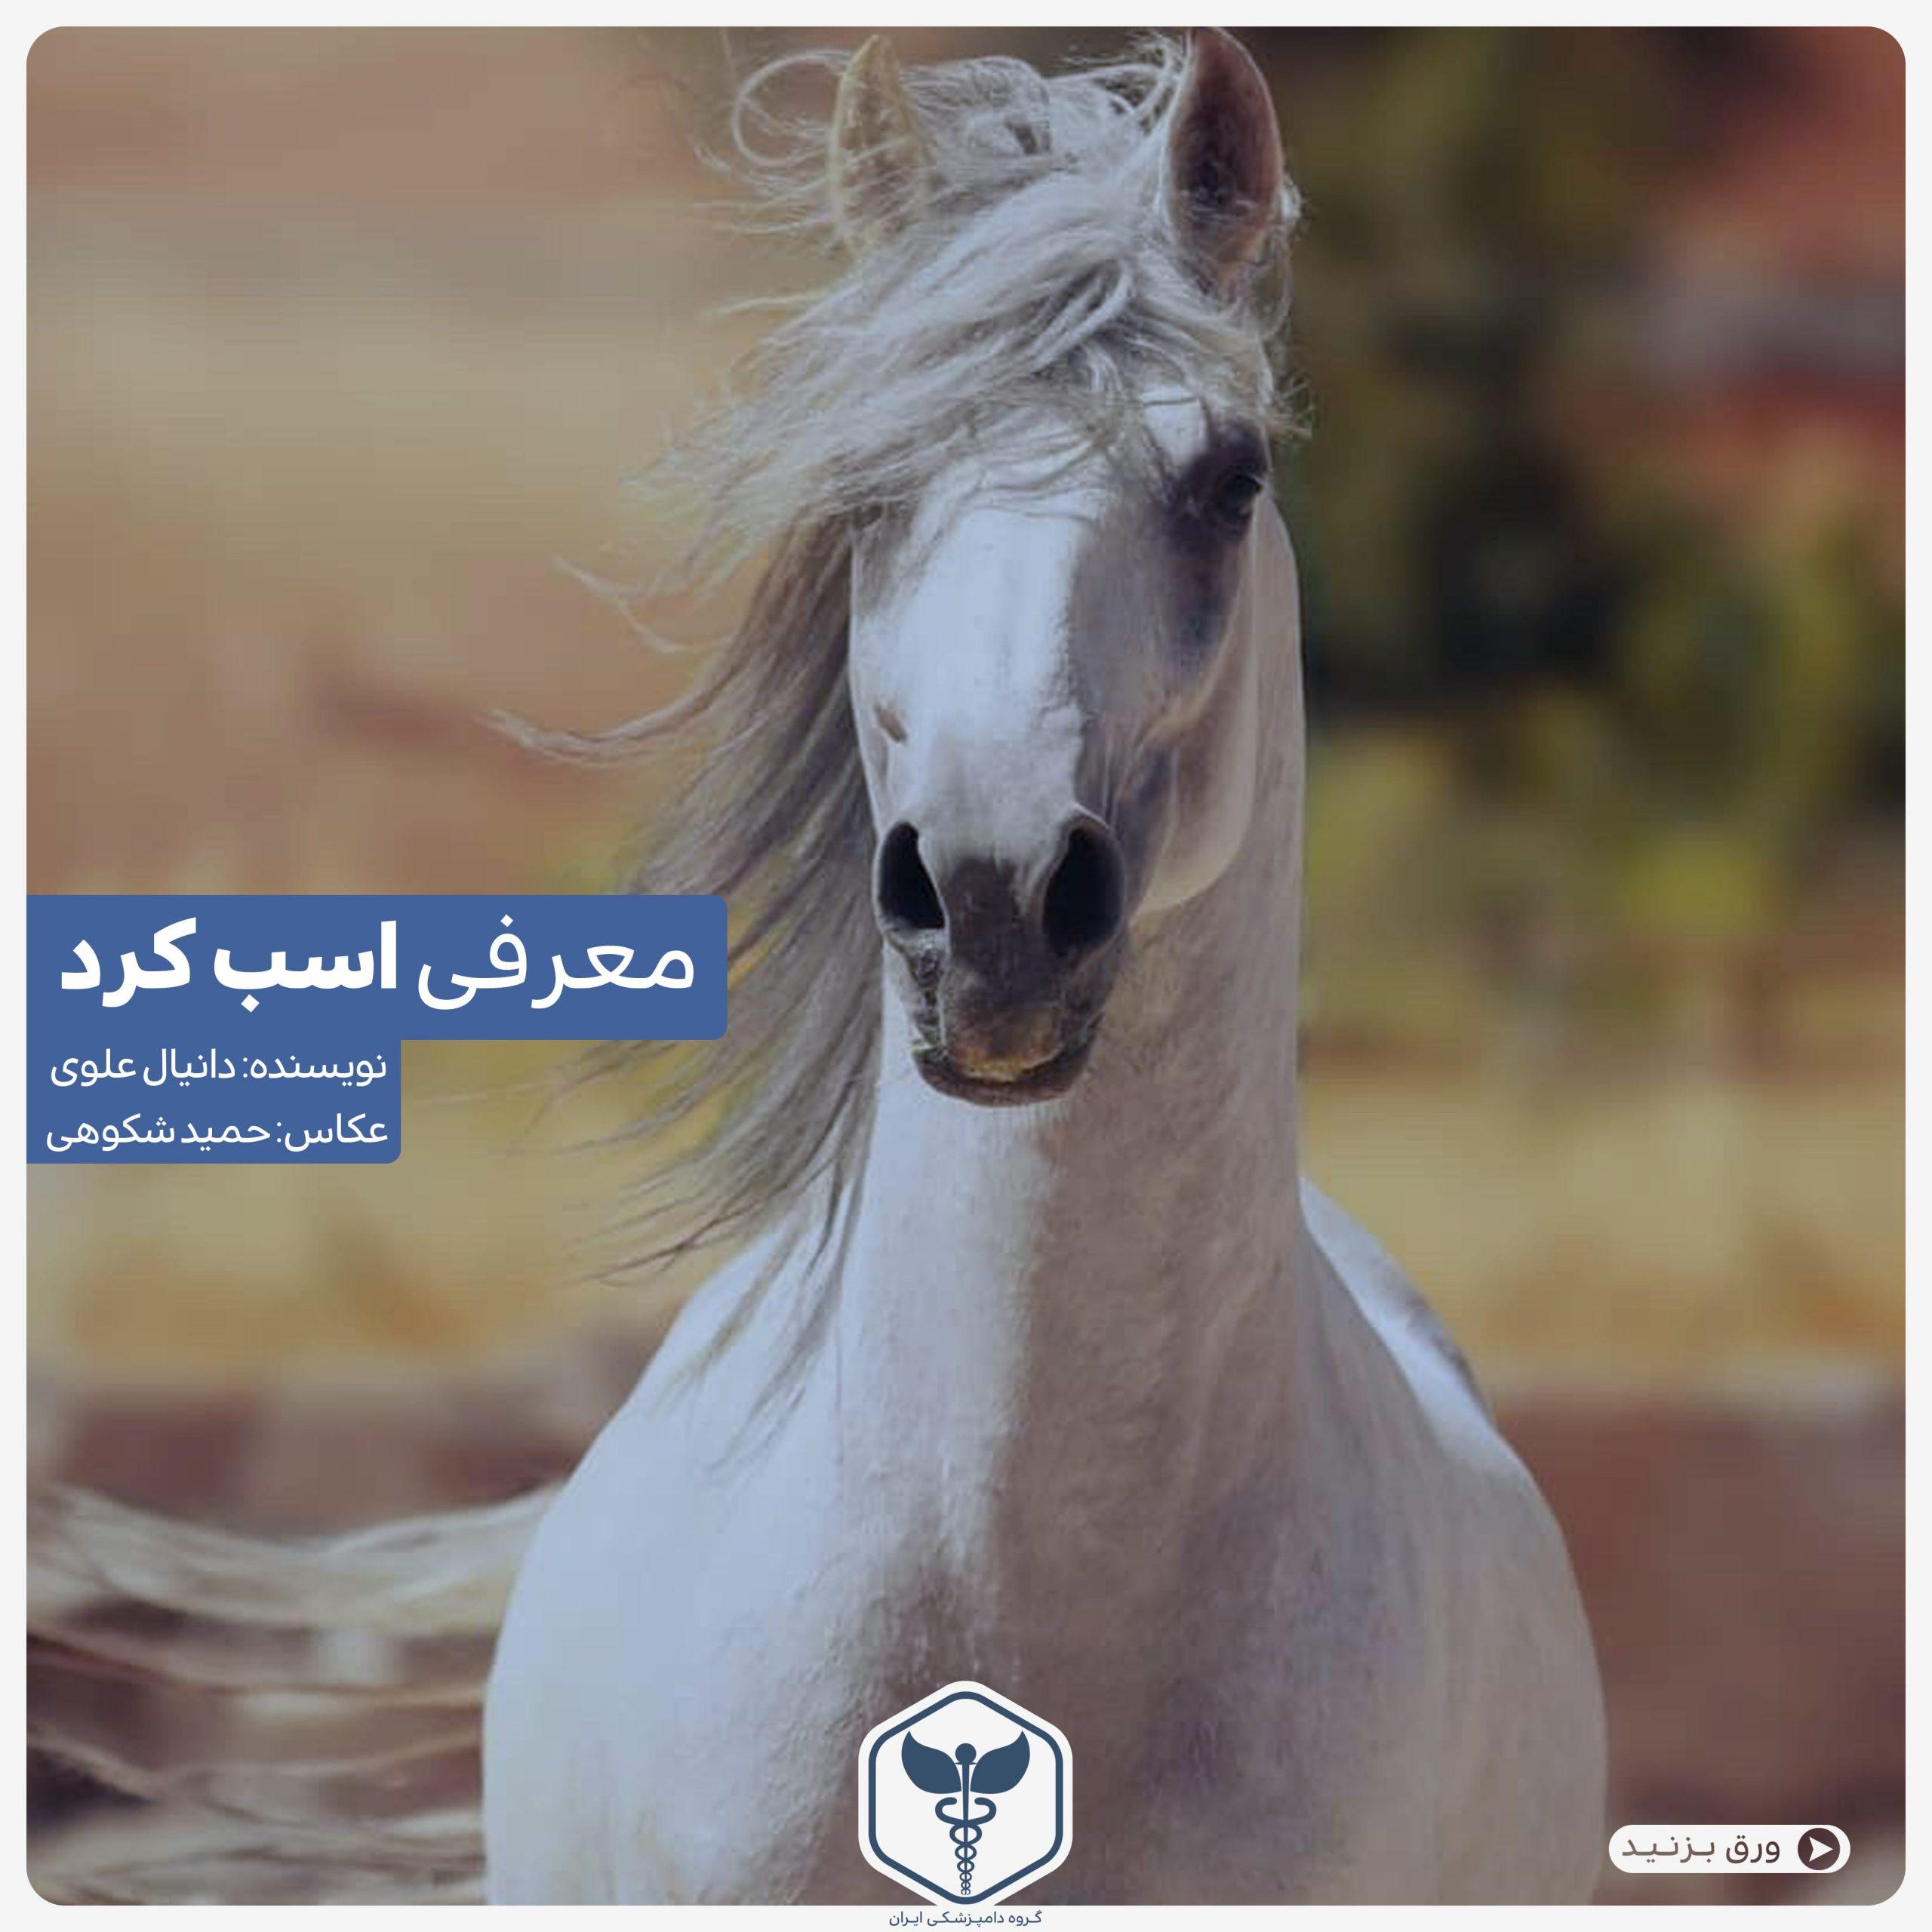 اسب کرد گروه دامپزشکی ایران